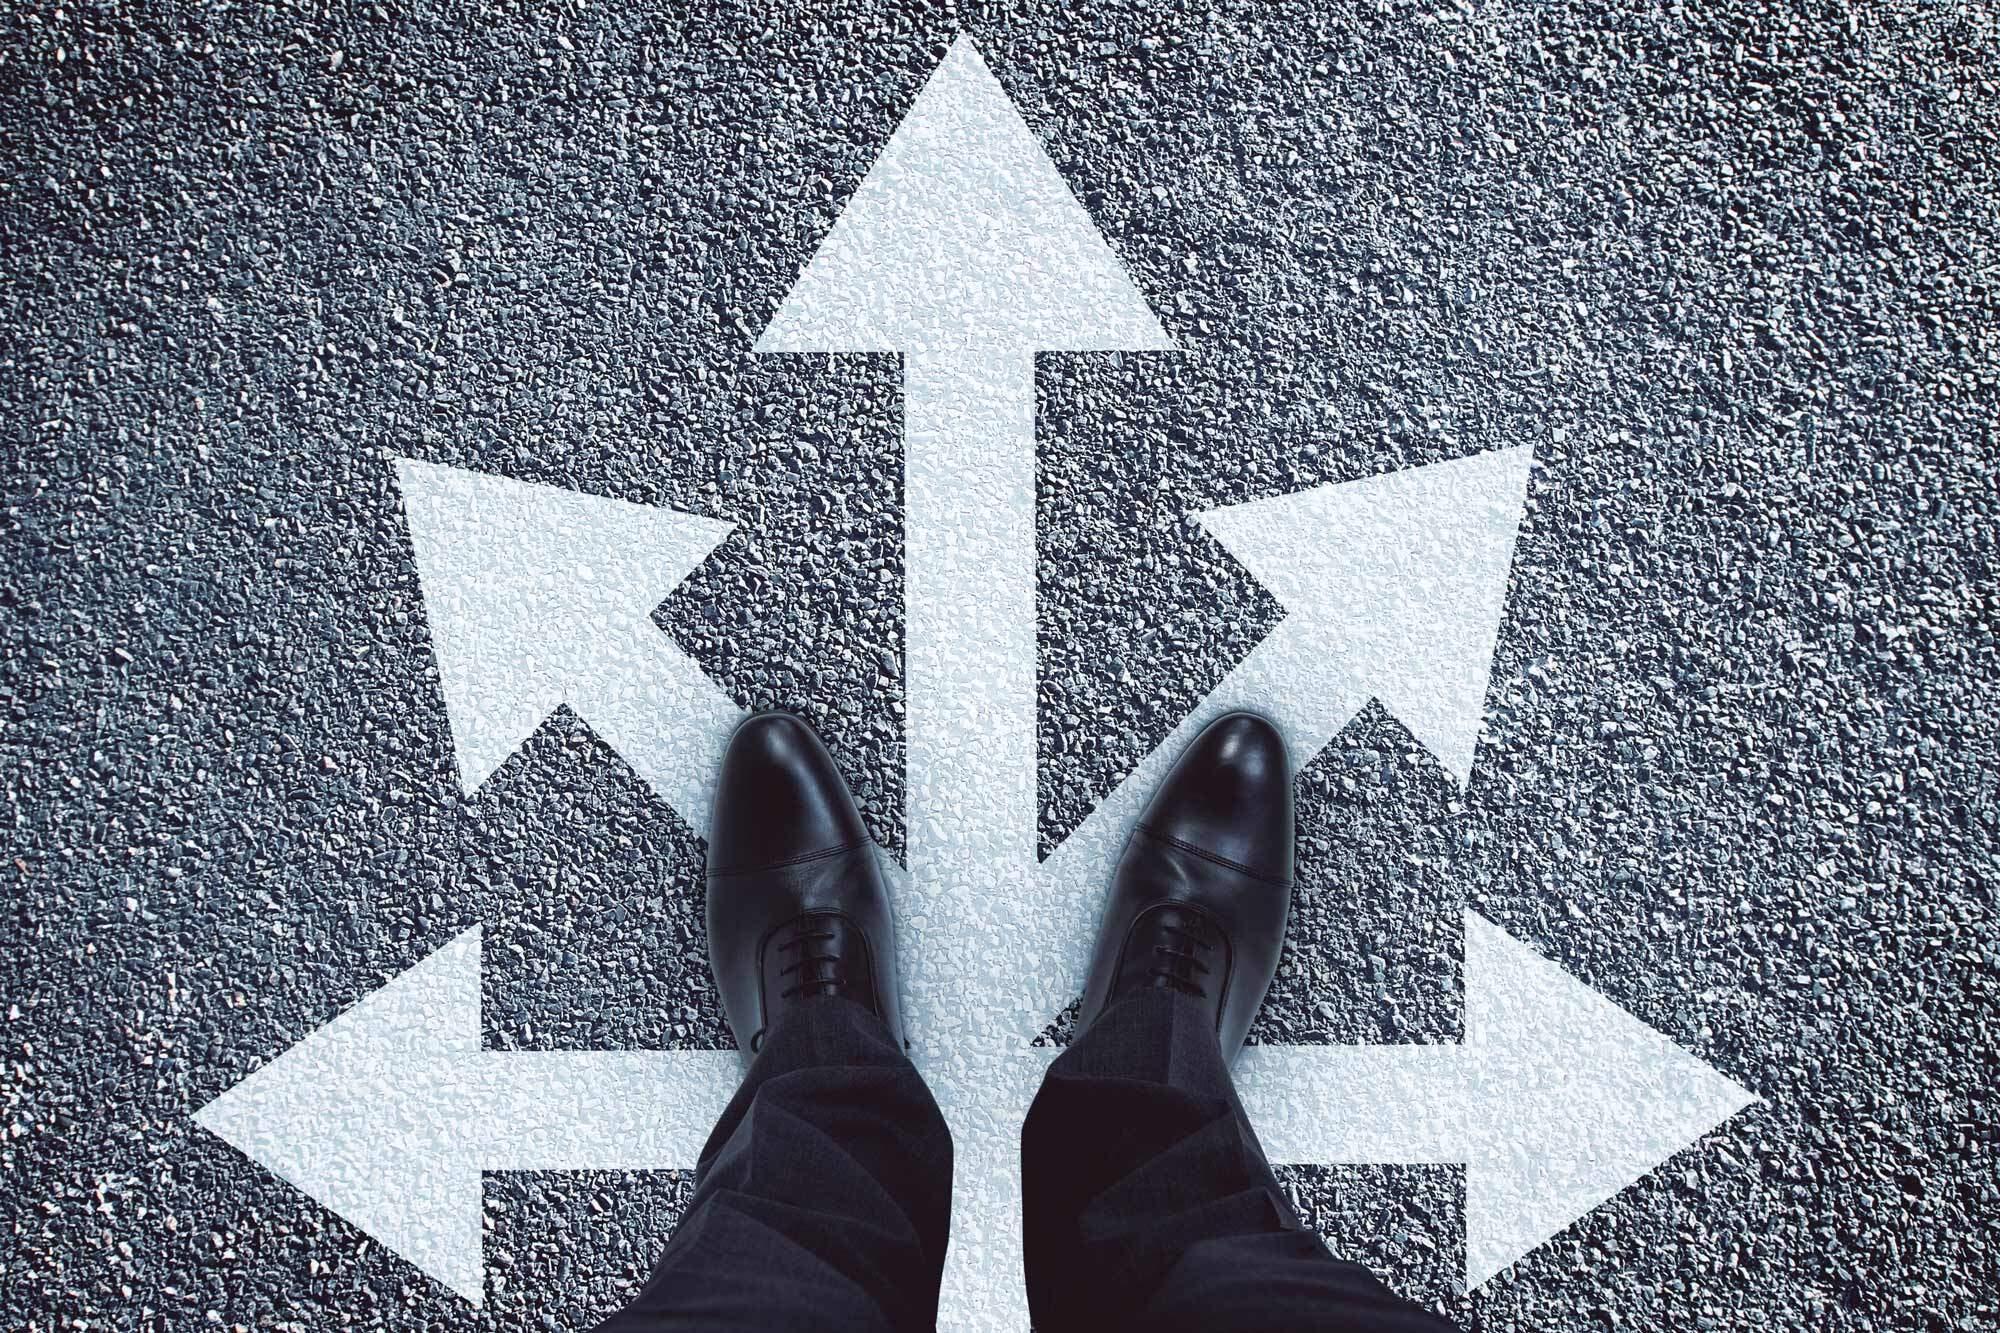 Managers et dirigeants : de l'obligation d'adopter une stratégie de carrière